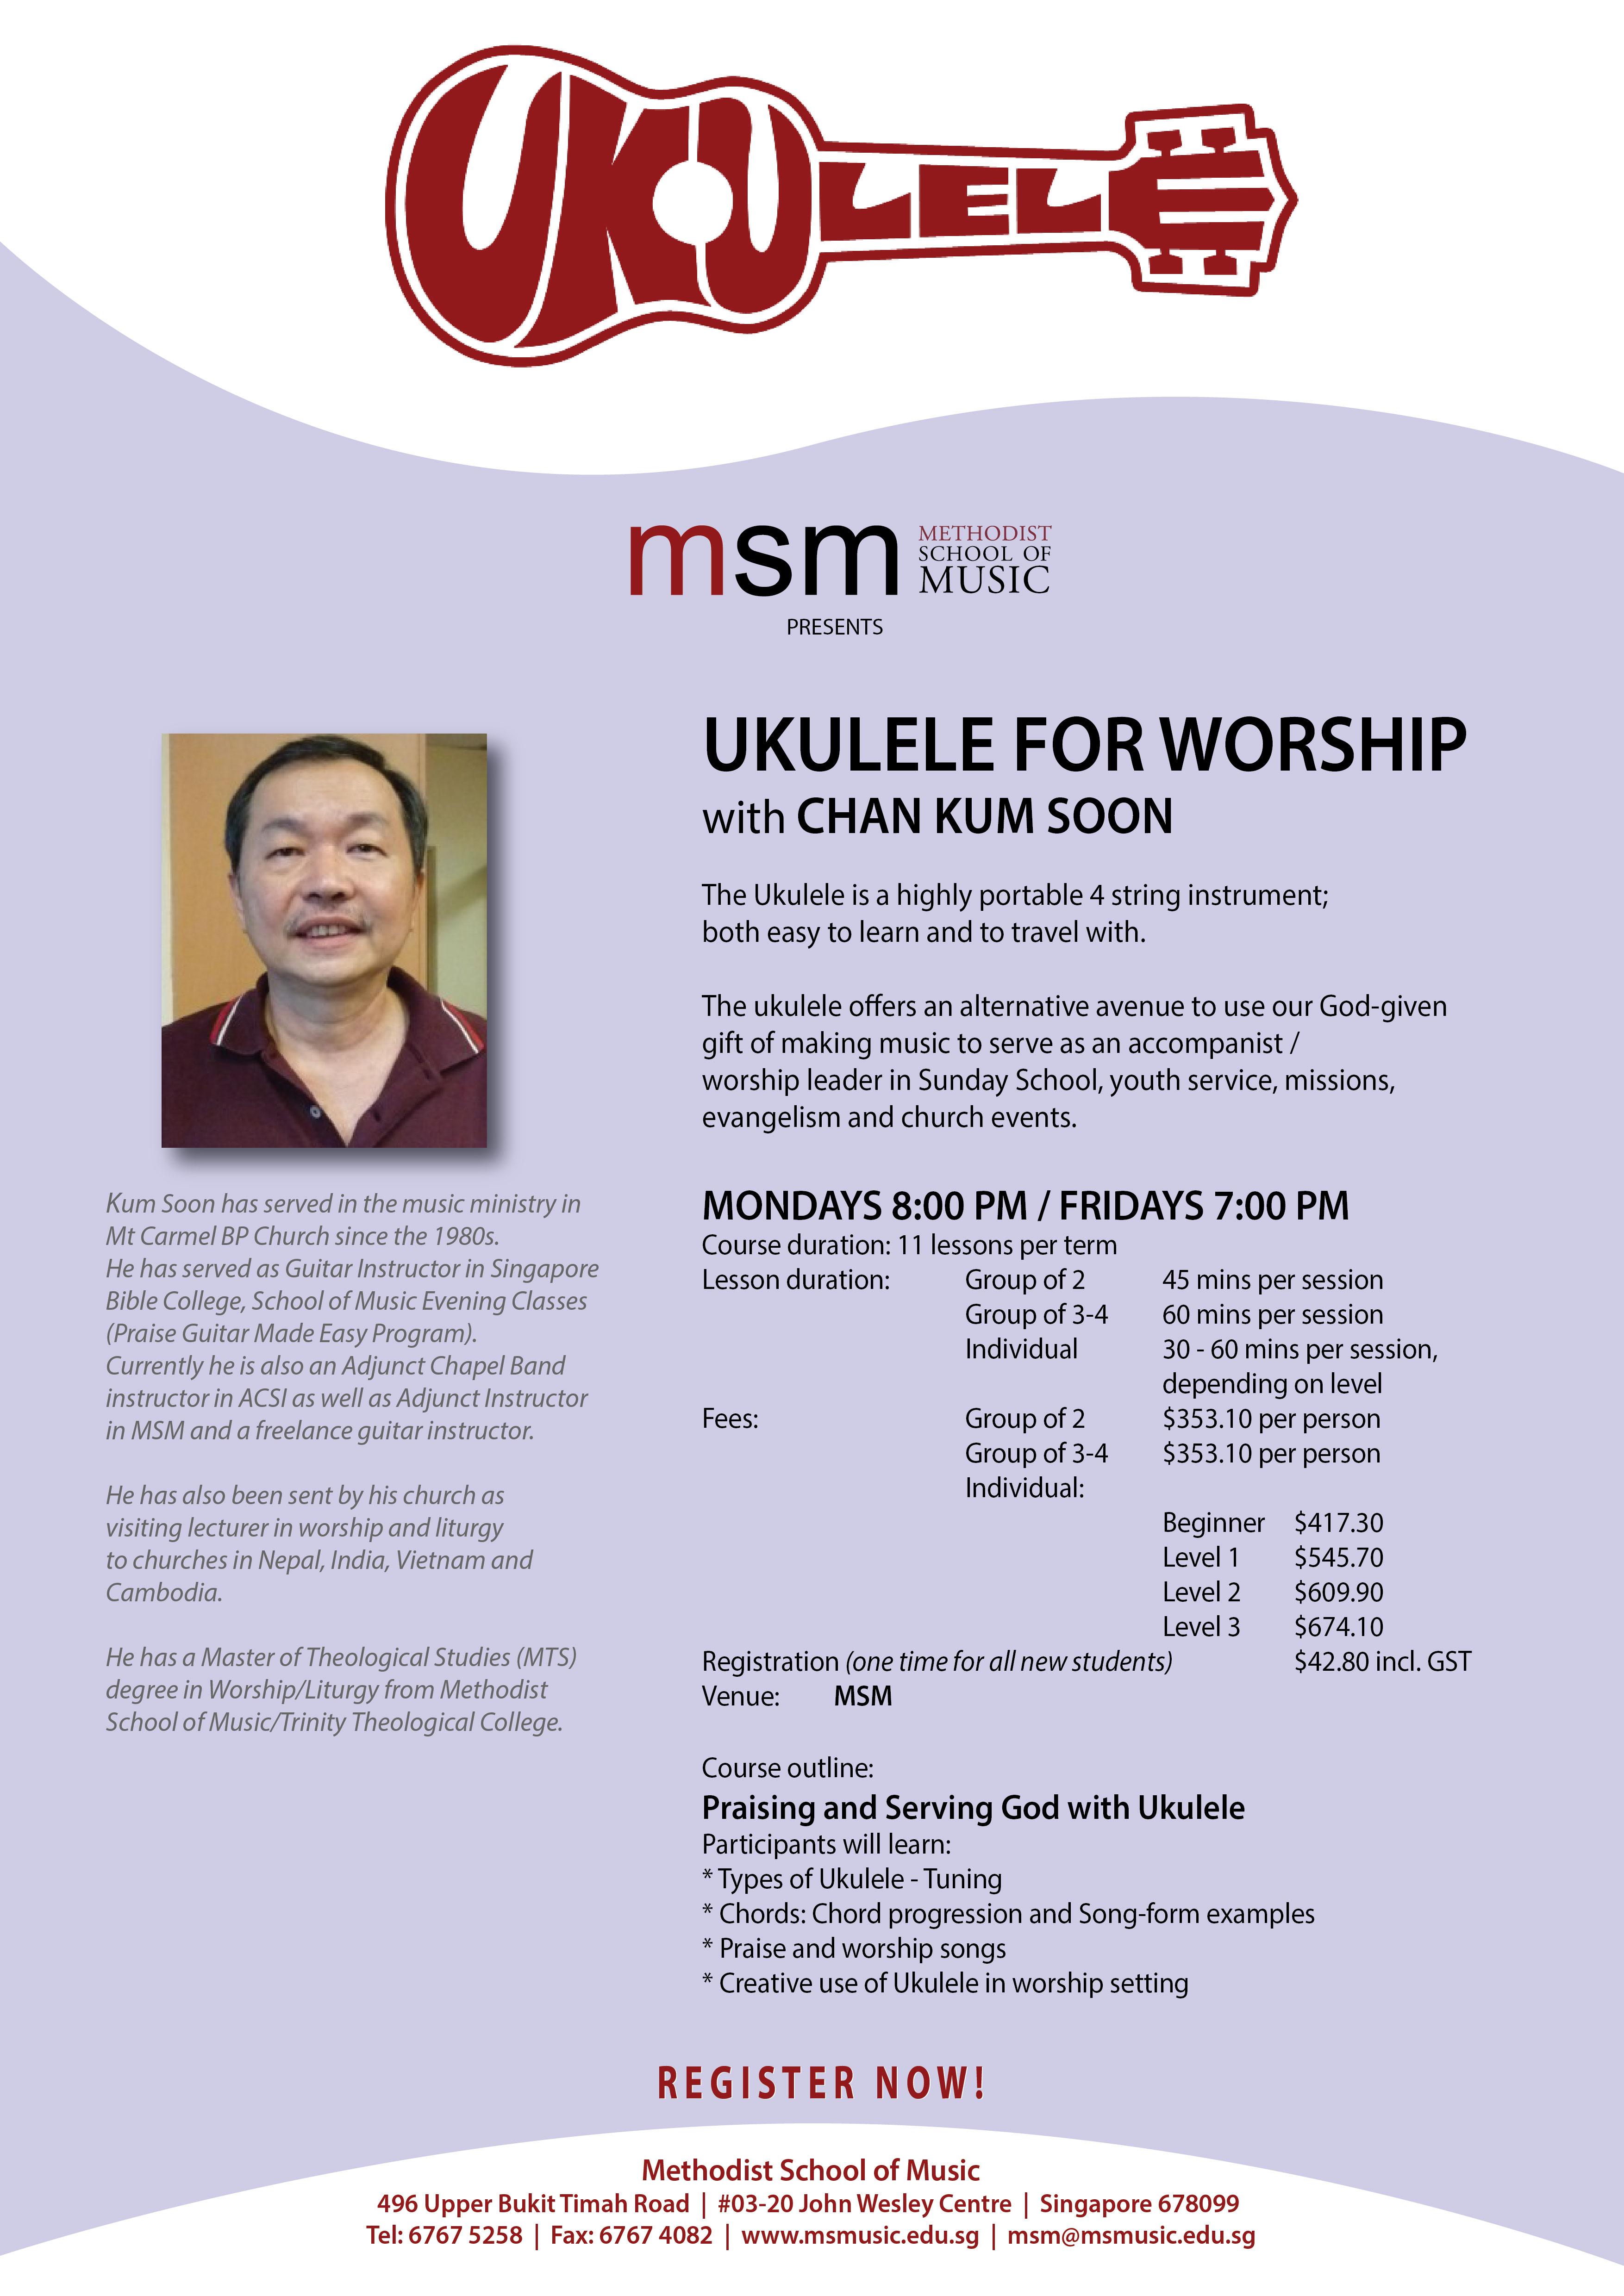 Ukulele for Worship with Mr Chan Kum Soon